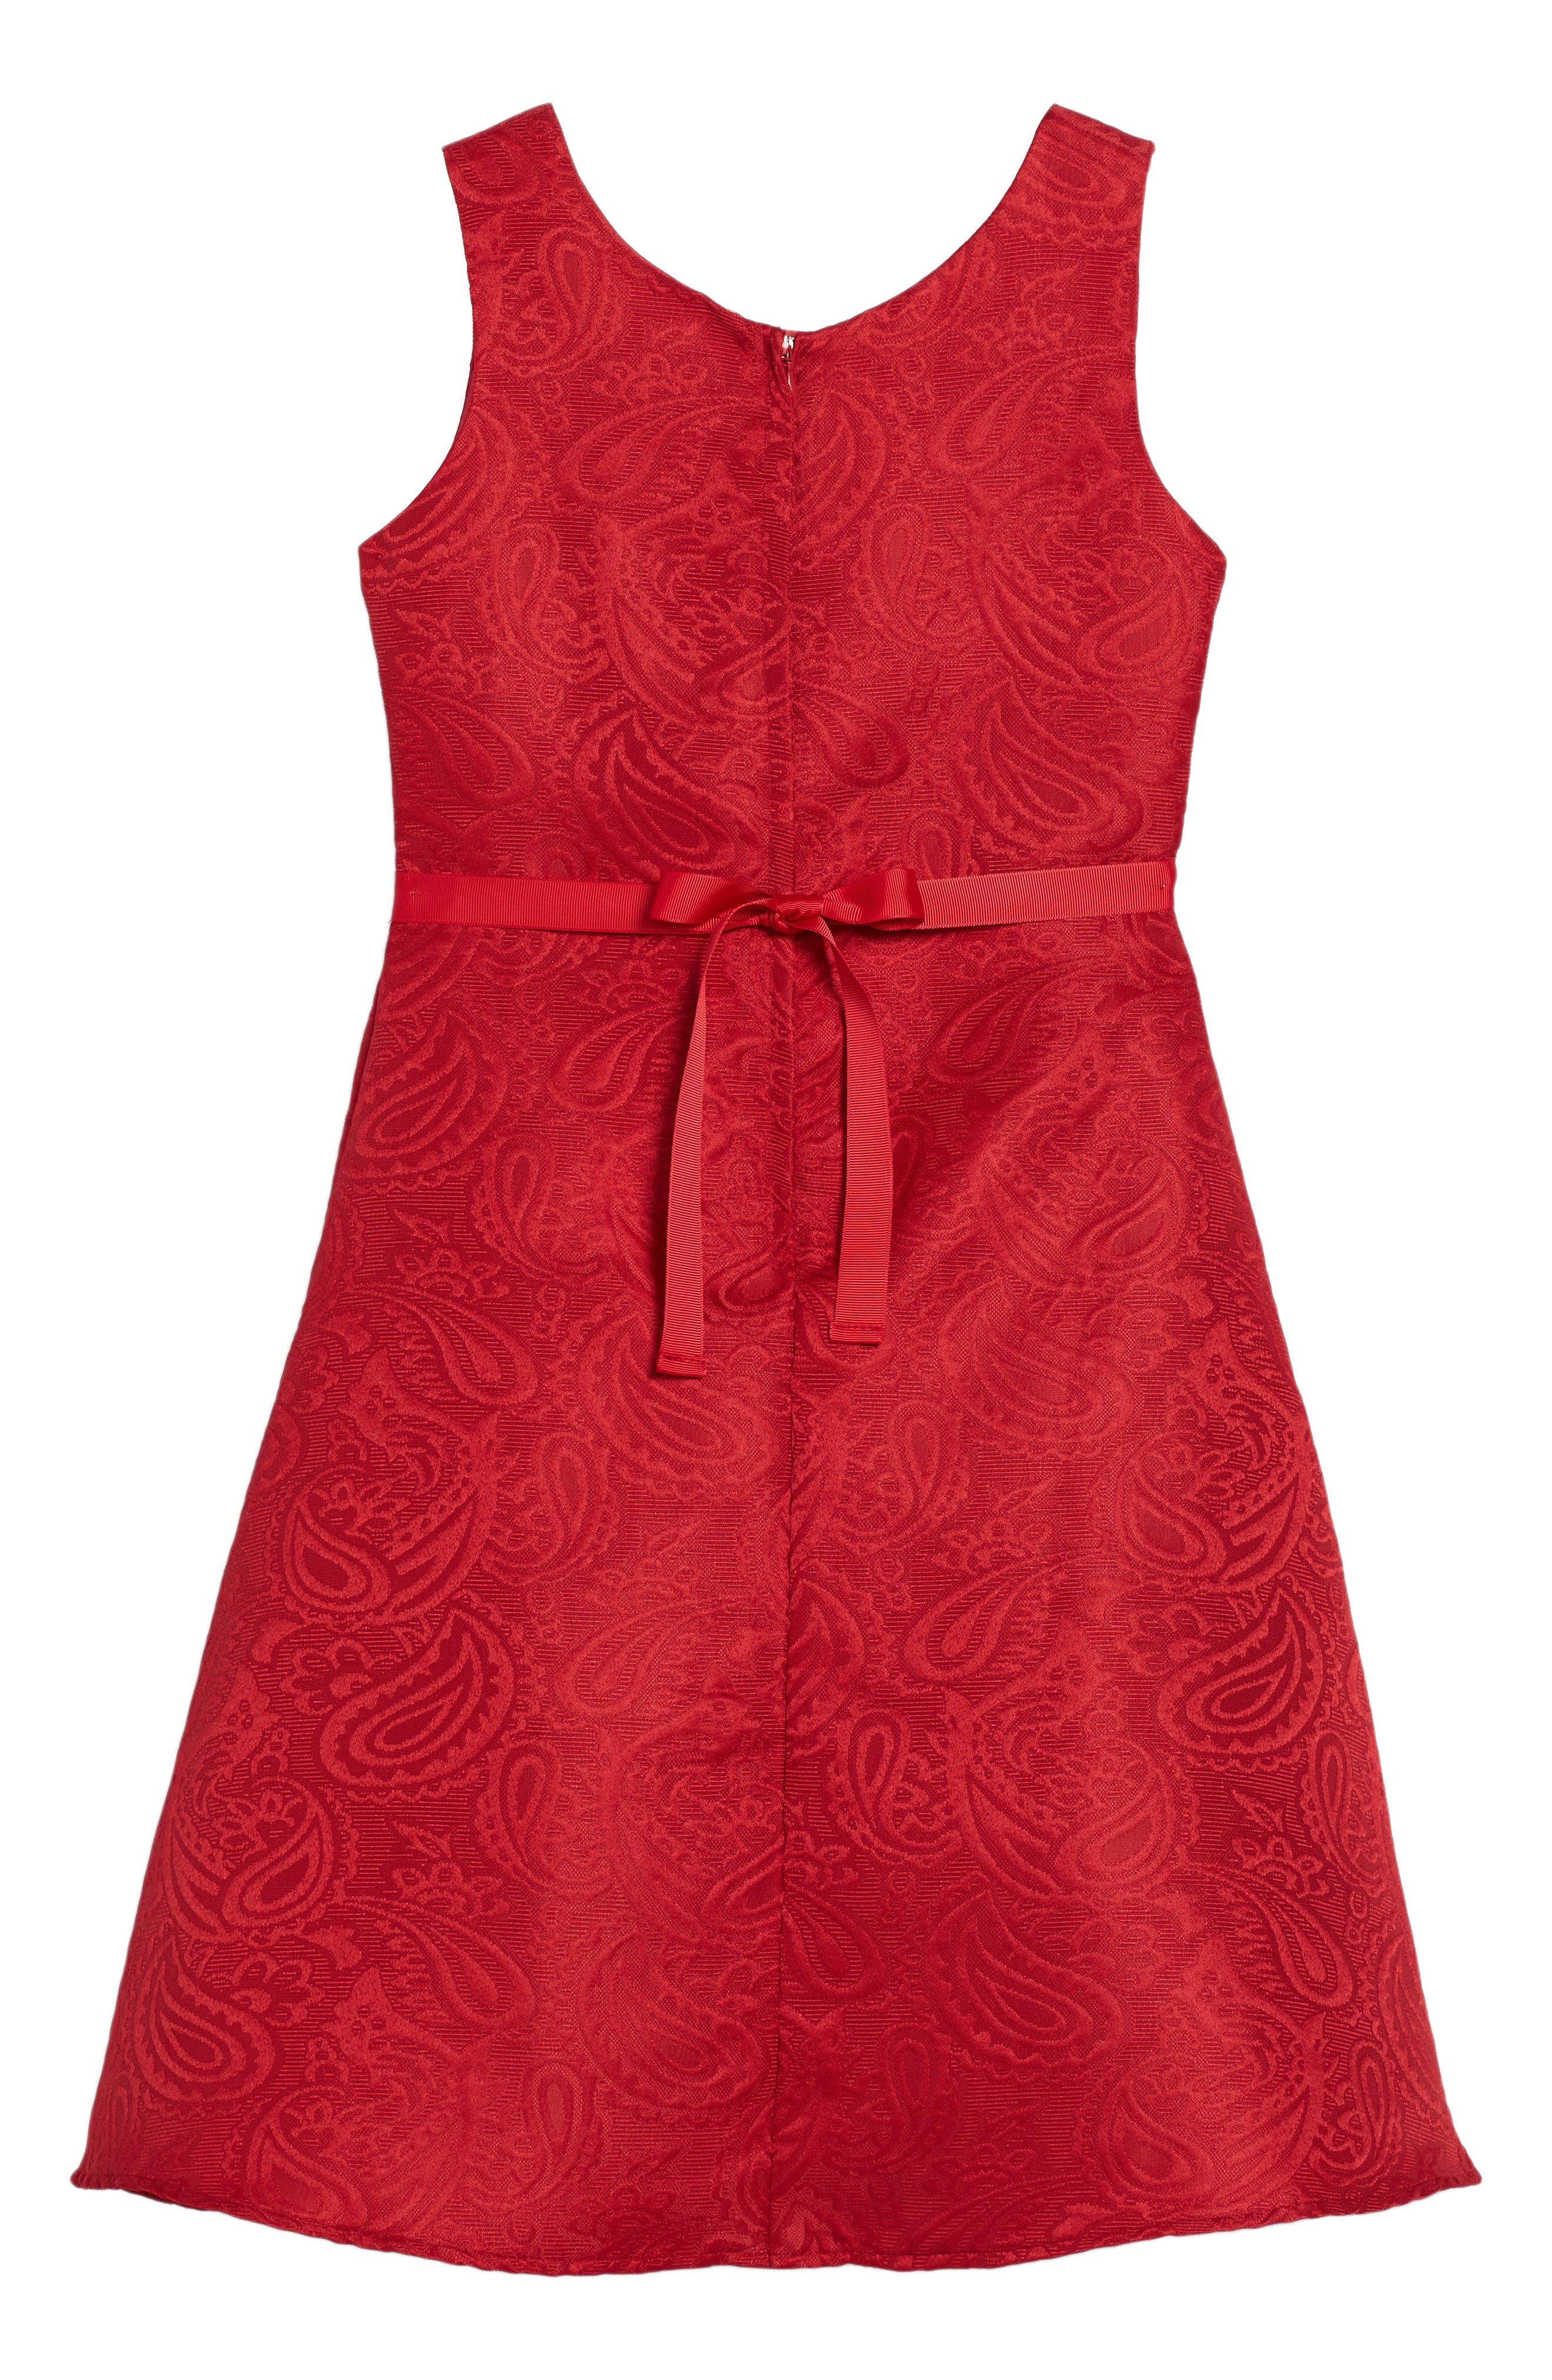 Hannah Jacquard Dress,                             Alternate thumbnail 2, color,                             600